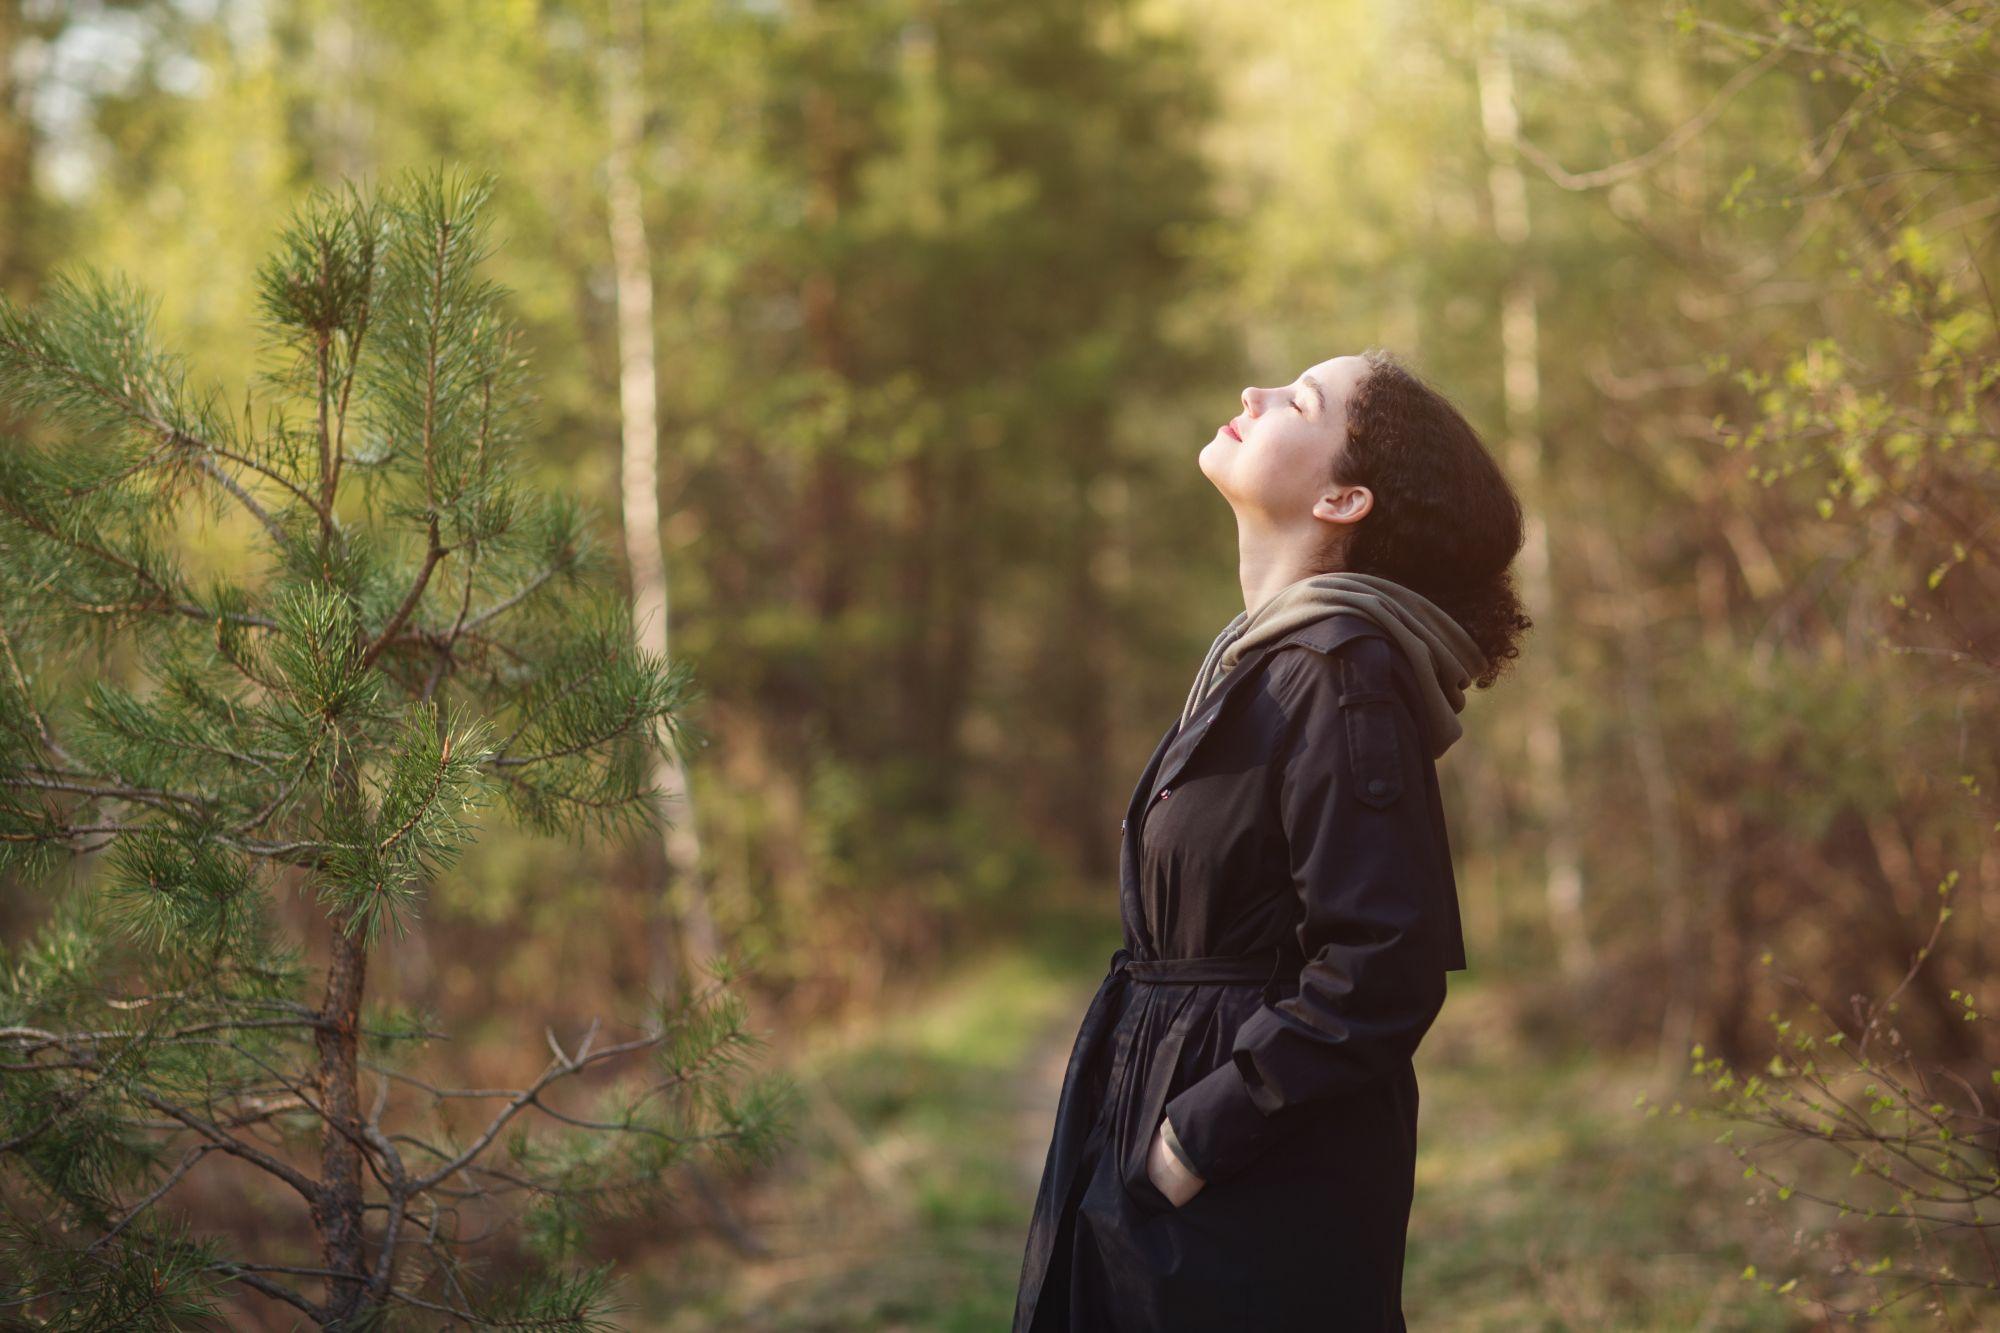 Nainen tekee syvähengityksiä metsässä ja rauhoittaa mieltään